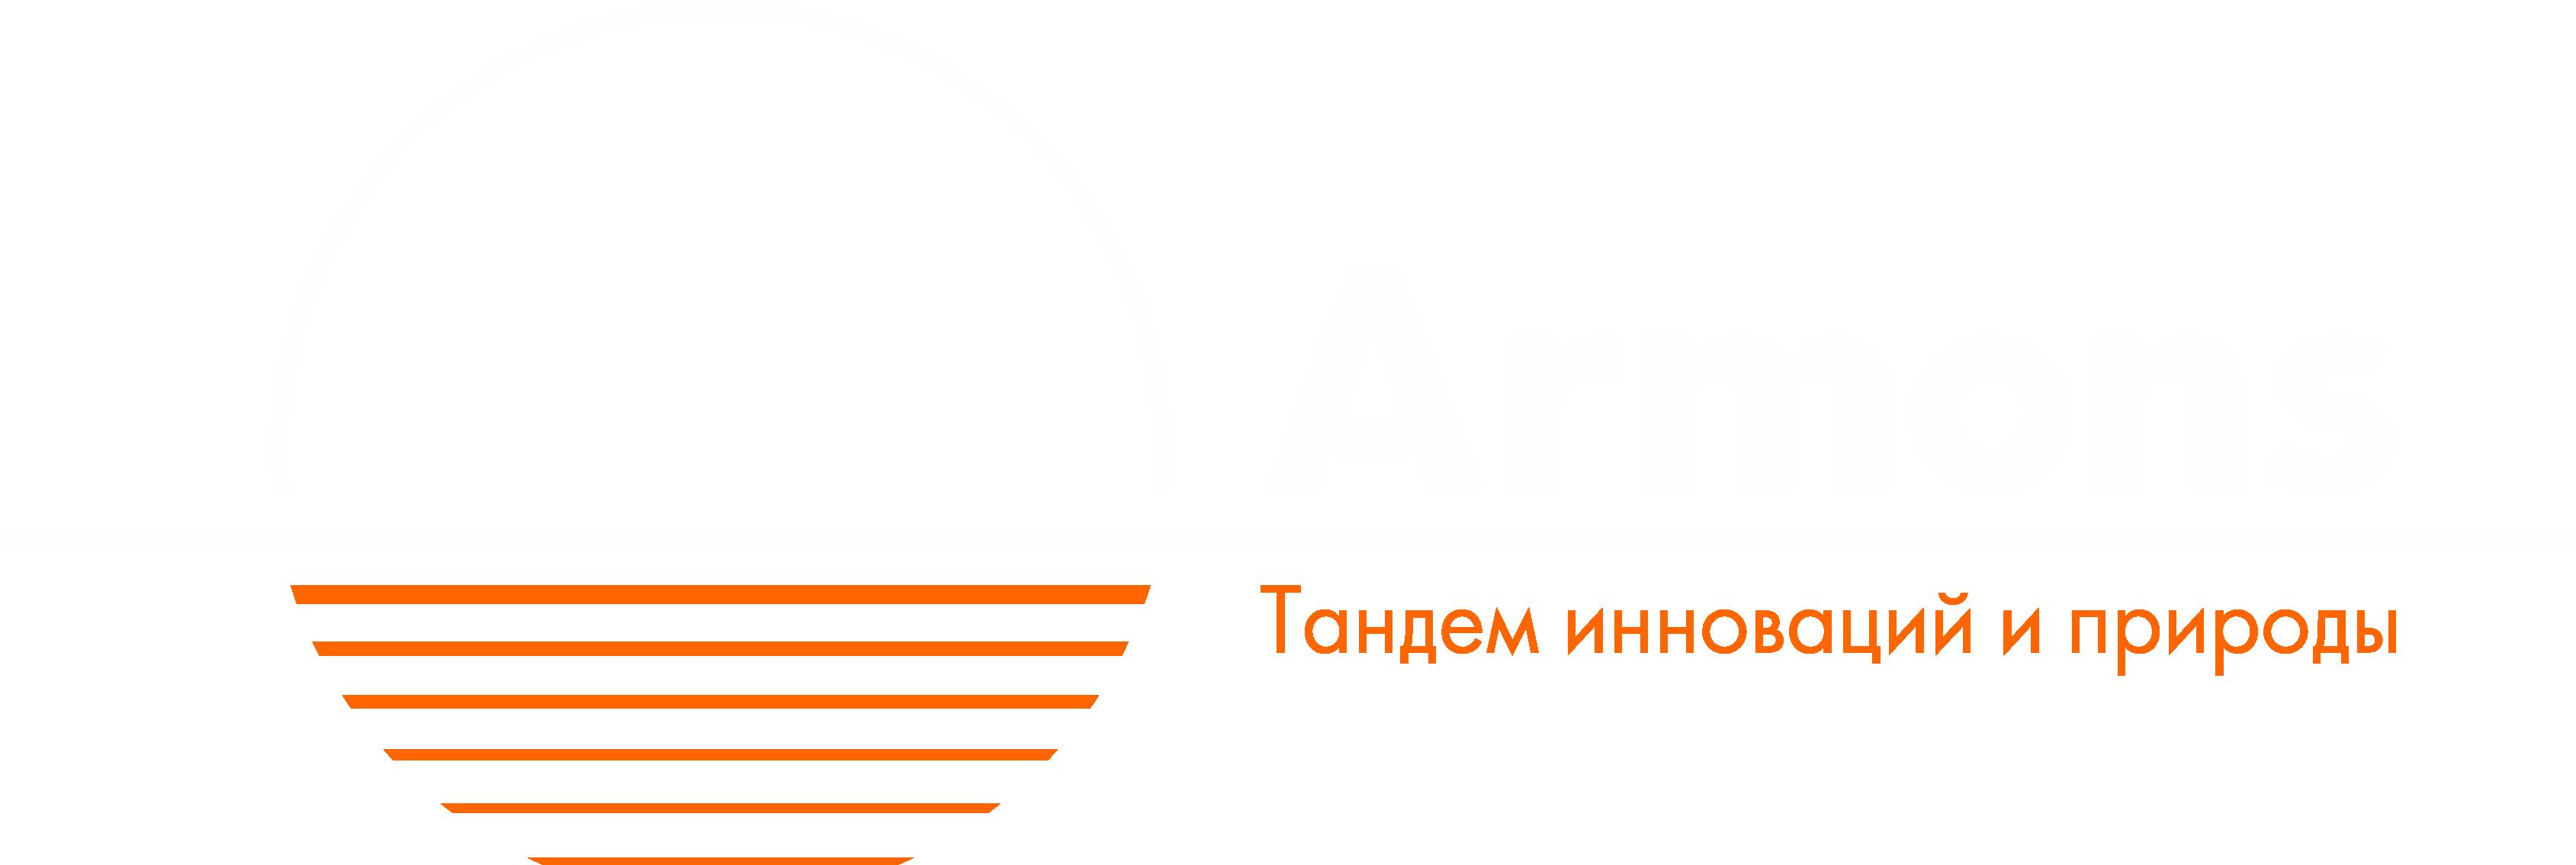 Armons_logo_01_white_